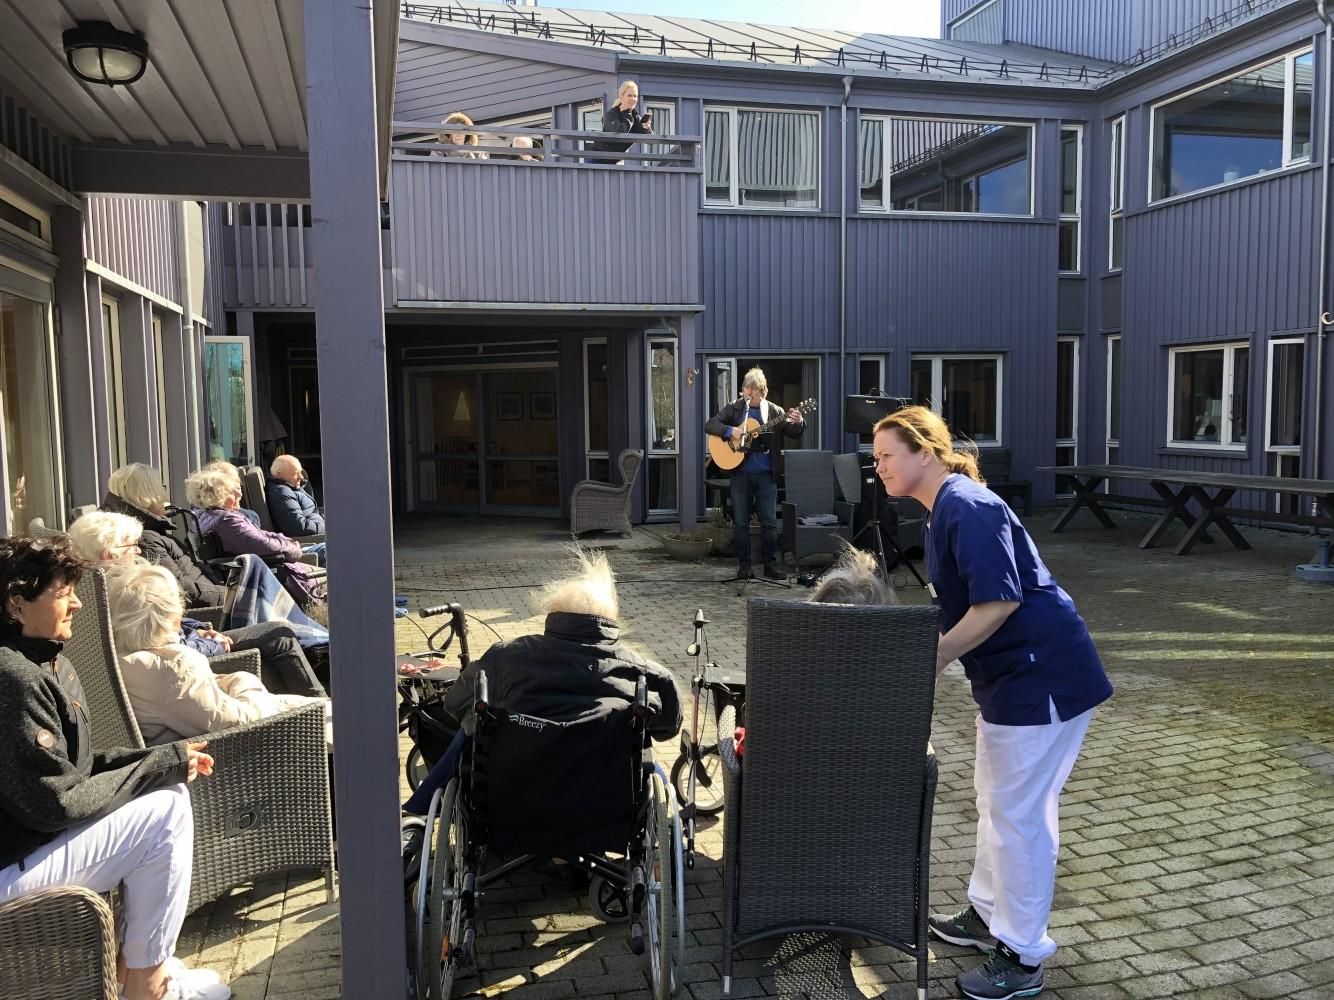 Mann står ute og spiller musikk i en bakgård. Mange eldre beboere er publikum.